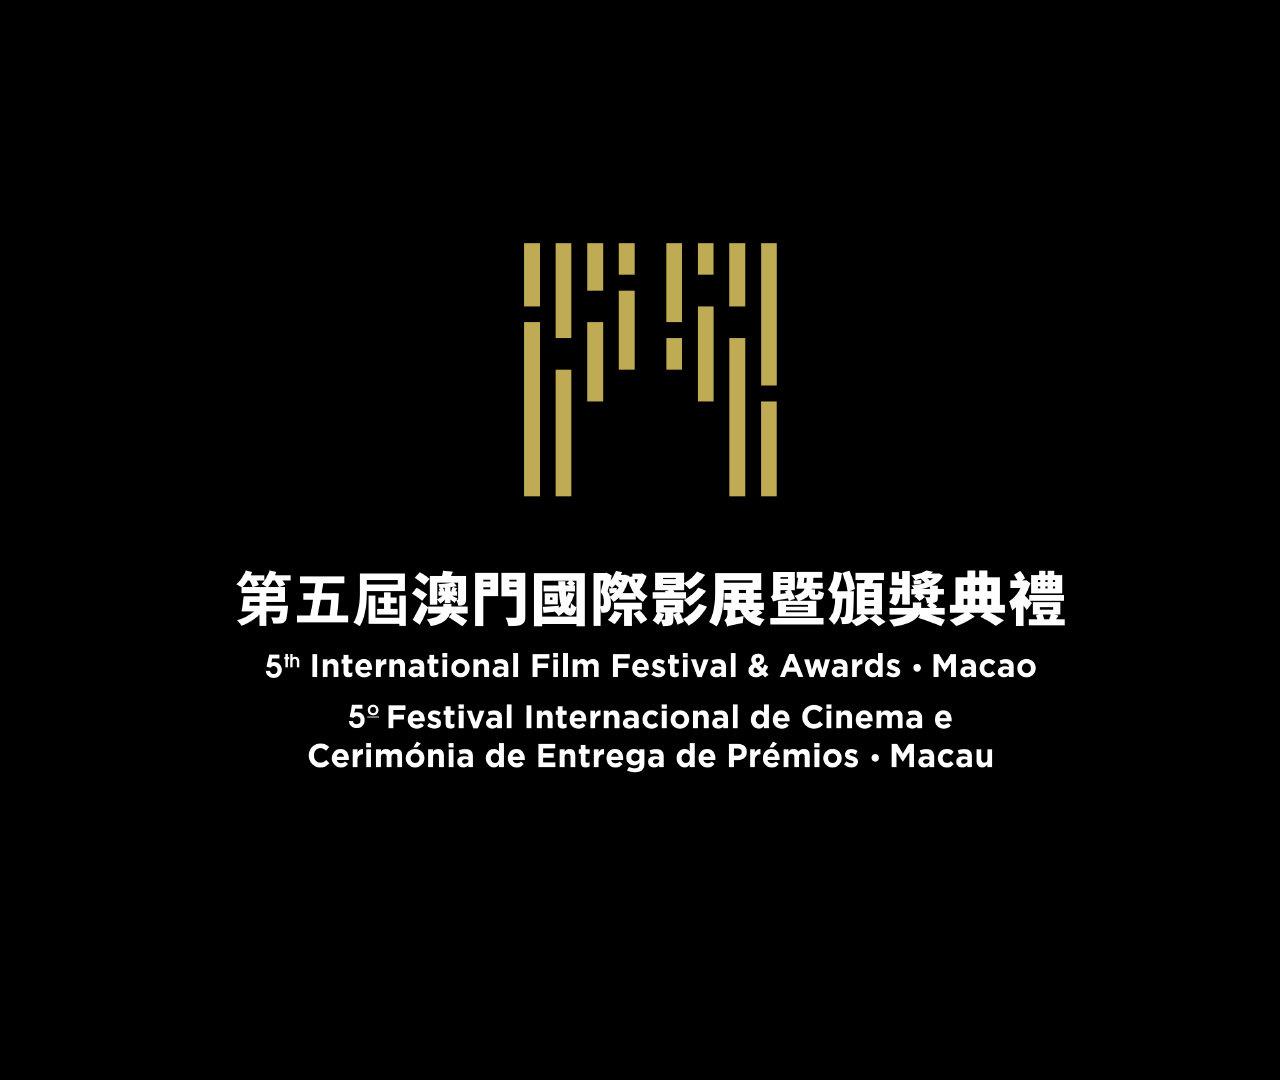 第五届澳门国际影铺12月举办 邀观众重返影院